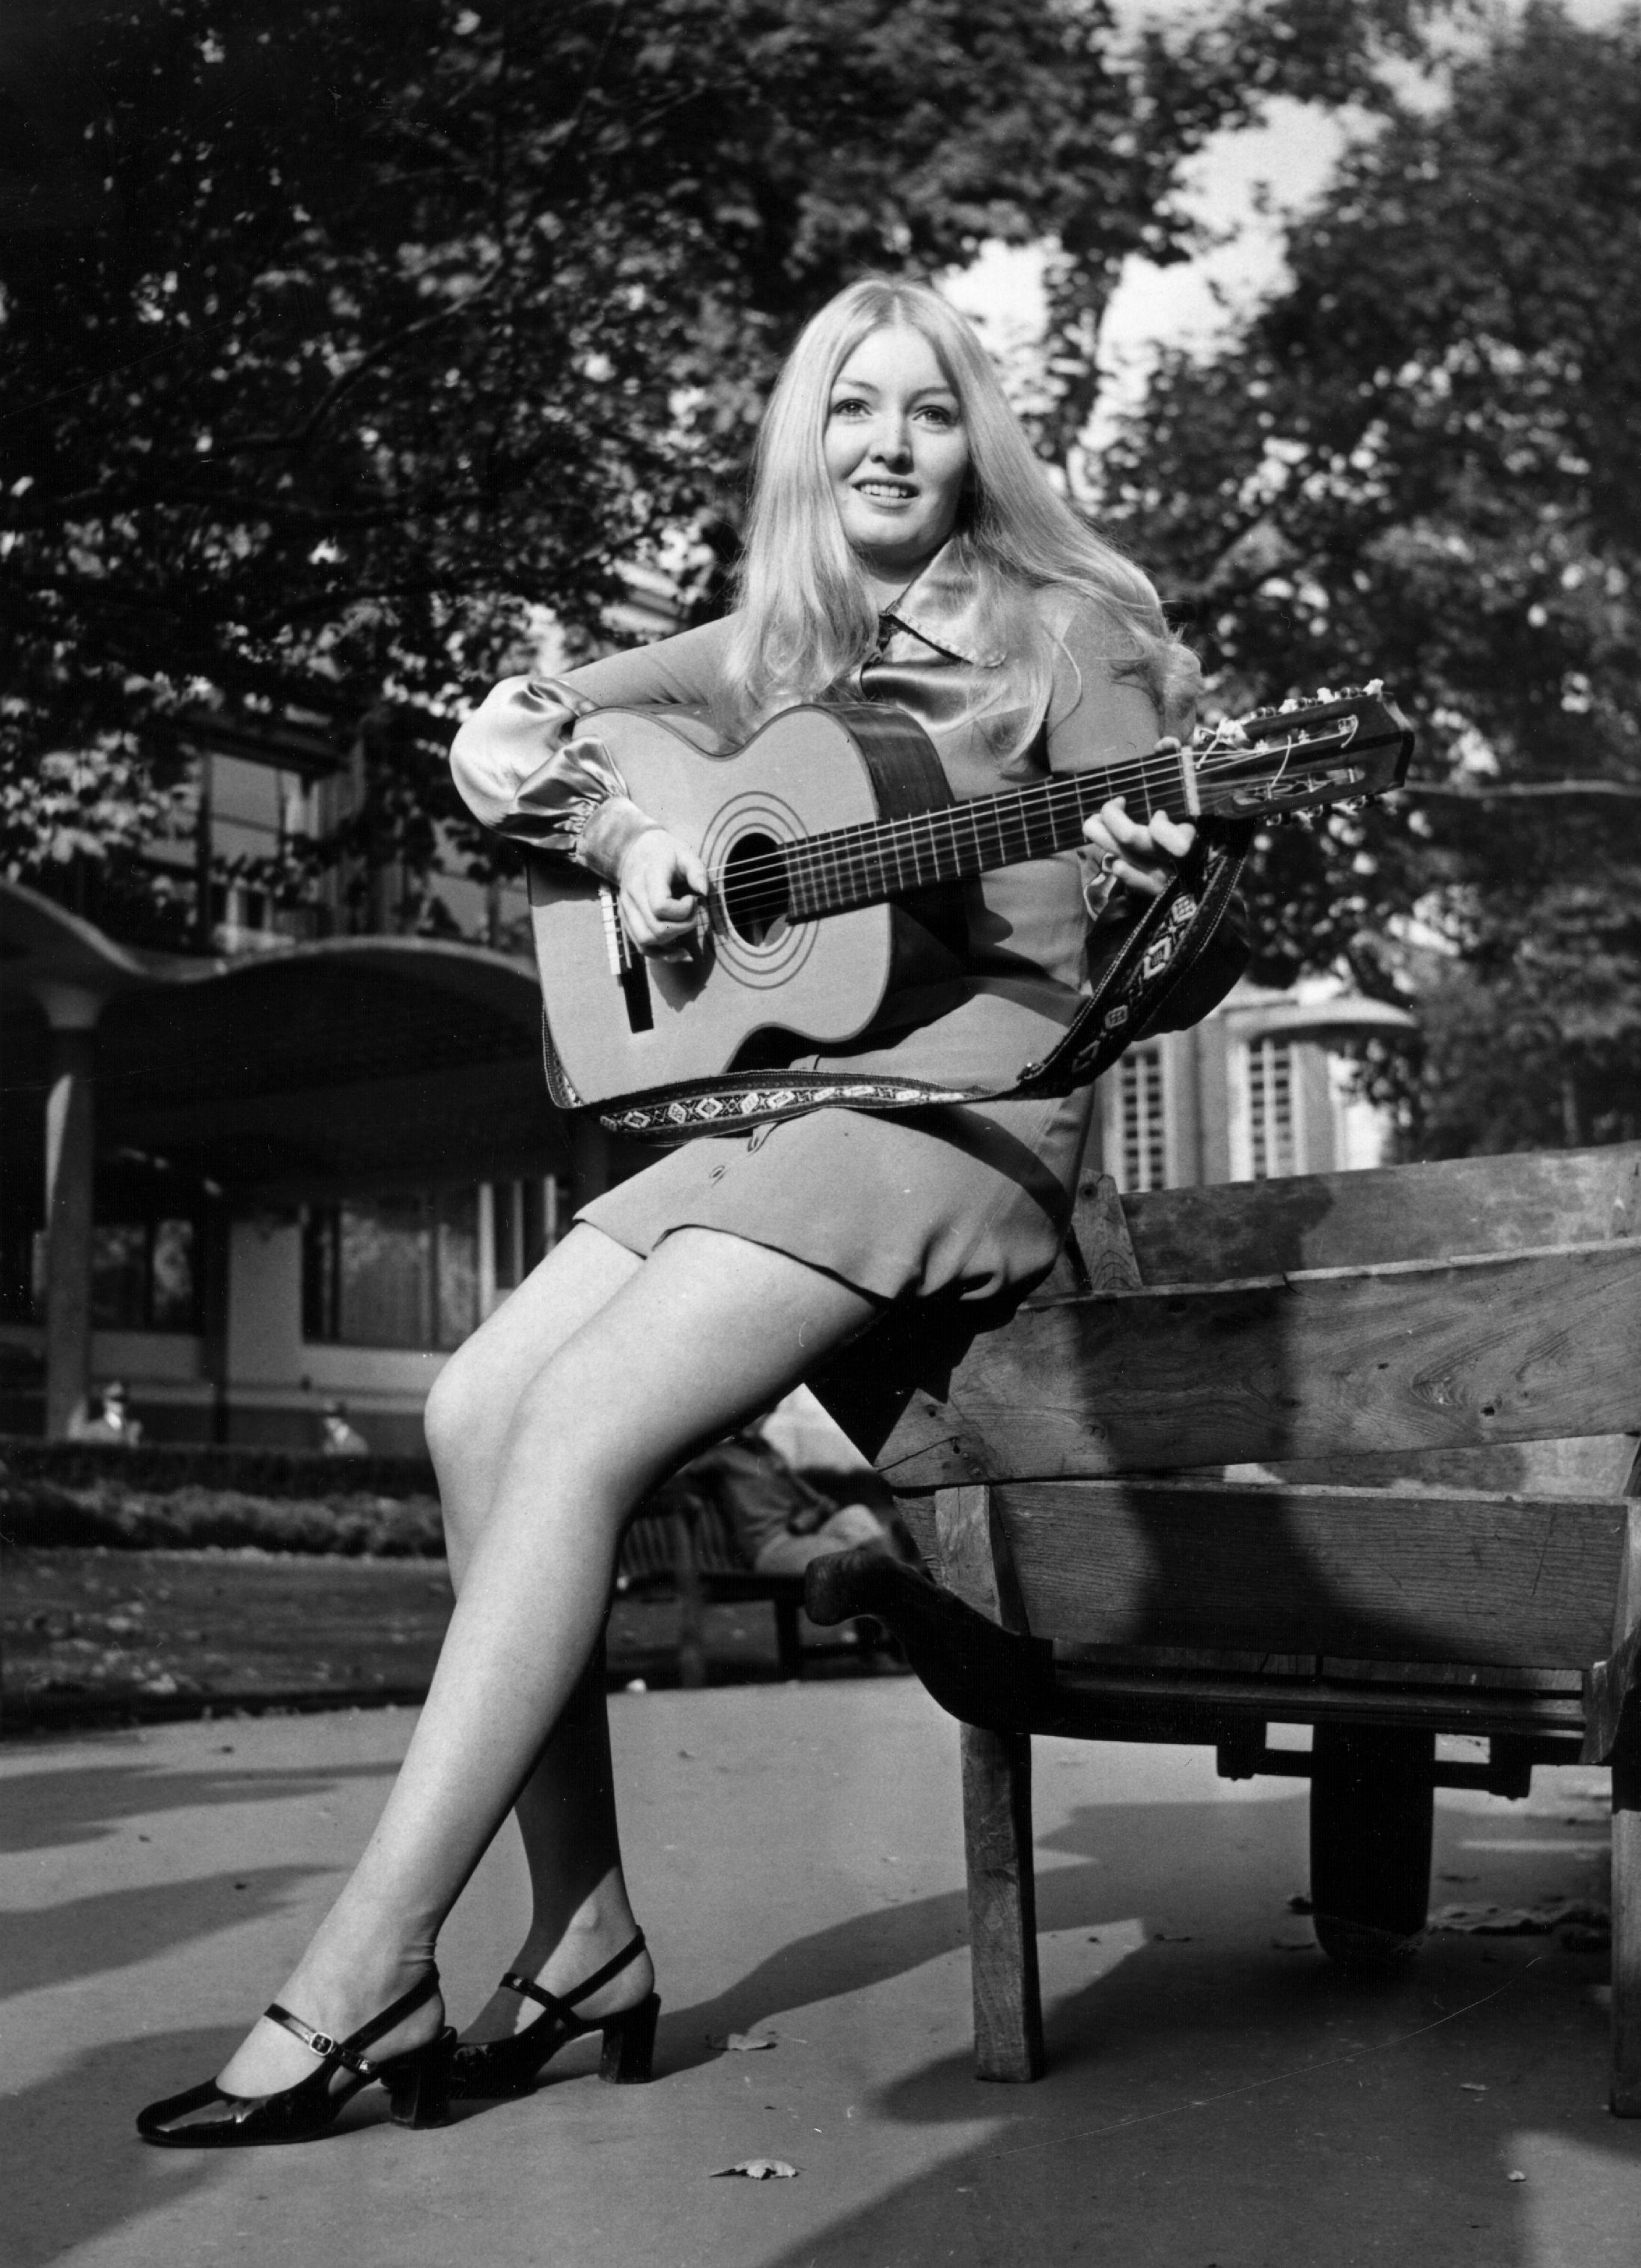 През 1969 г., вече започва да се забелязва промяна в модата при дамите. Късите рокли и поли навлизат все повече в ежедневието на множо млади жени.